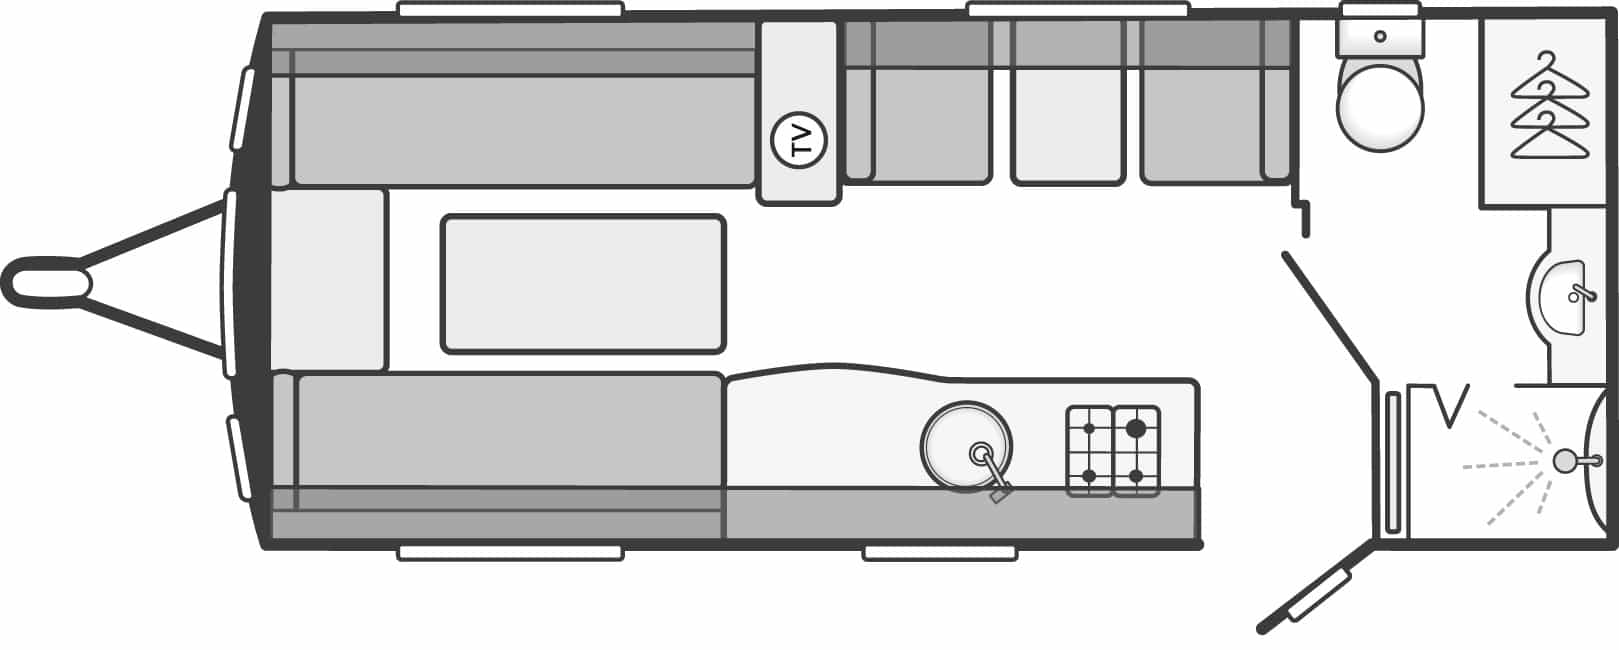 Sterling Eccles 530 - 4 Berth, Side Dinette, End Washroom